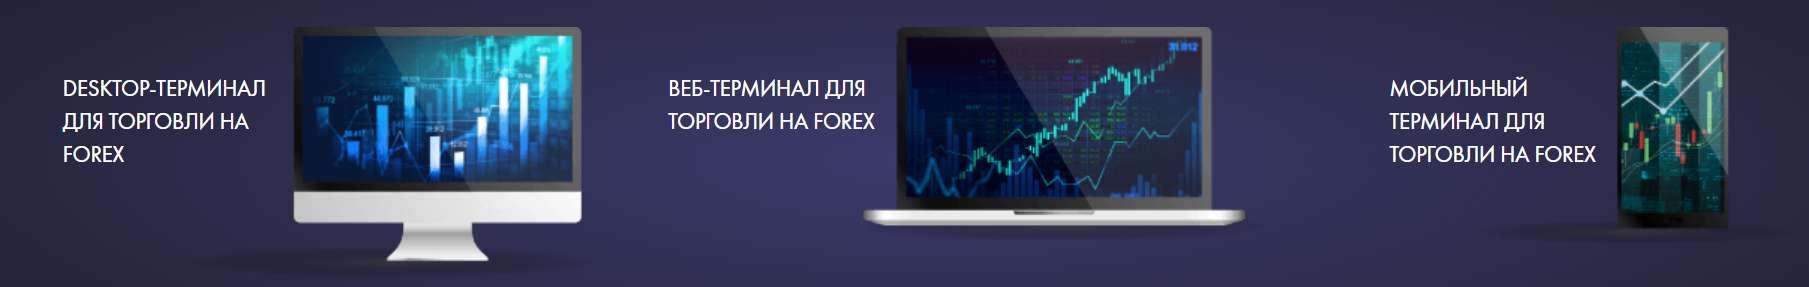 Зачем обязательно вести дневник трейдера на Форекс – советы от FinmaxFX